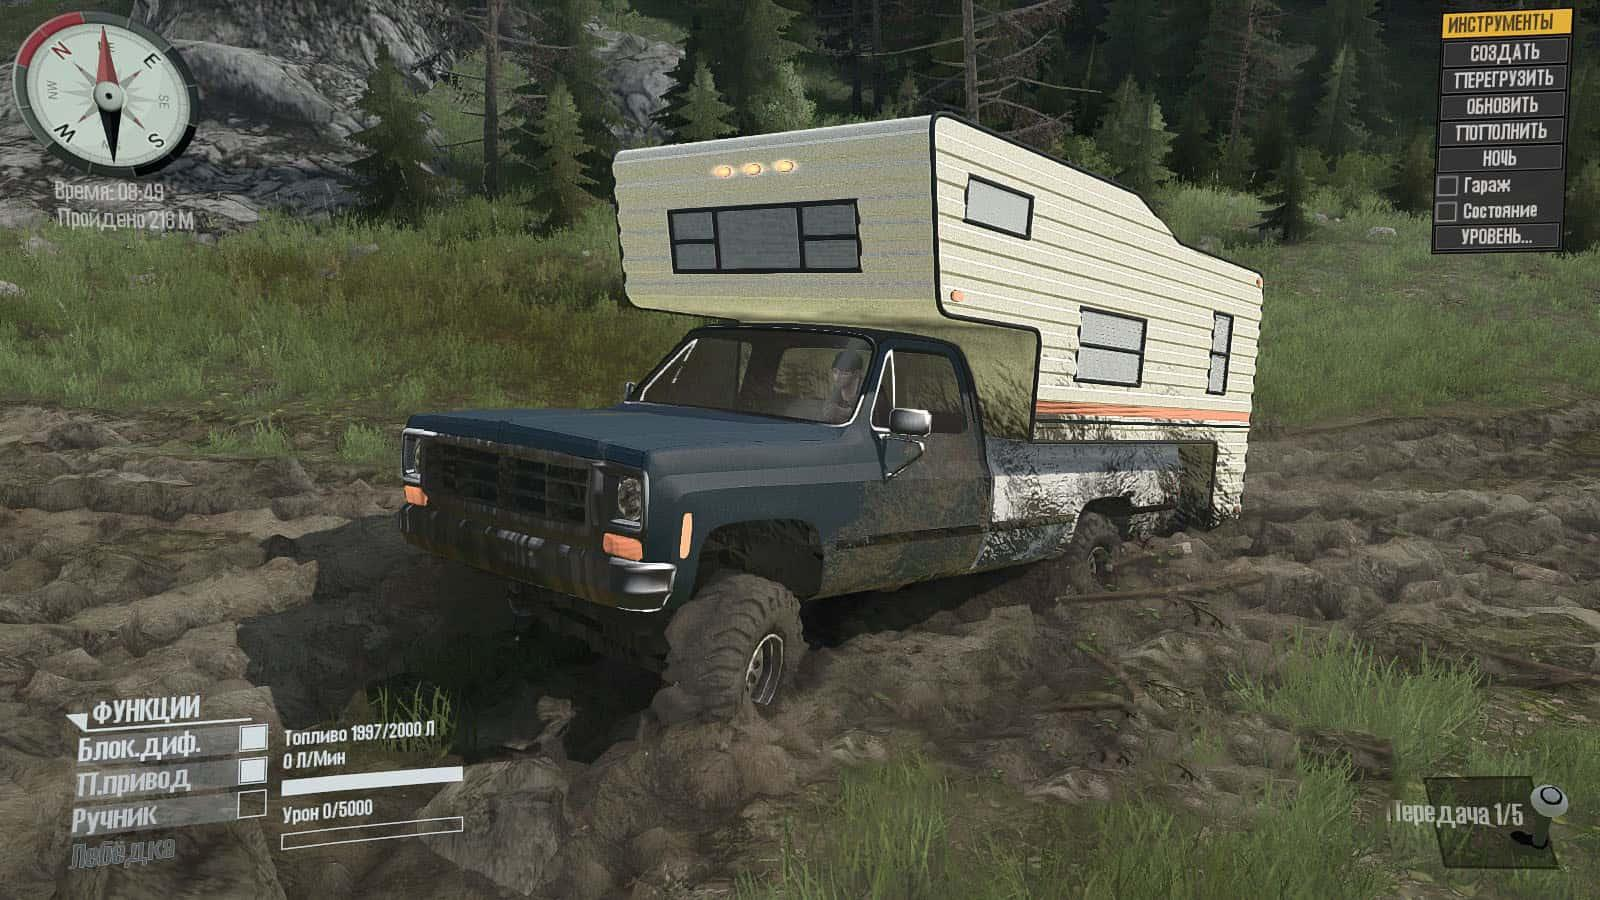 1987 Chevy K10 Scrap Truck » GamesMods net - FS19, FS17, ETS